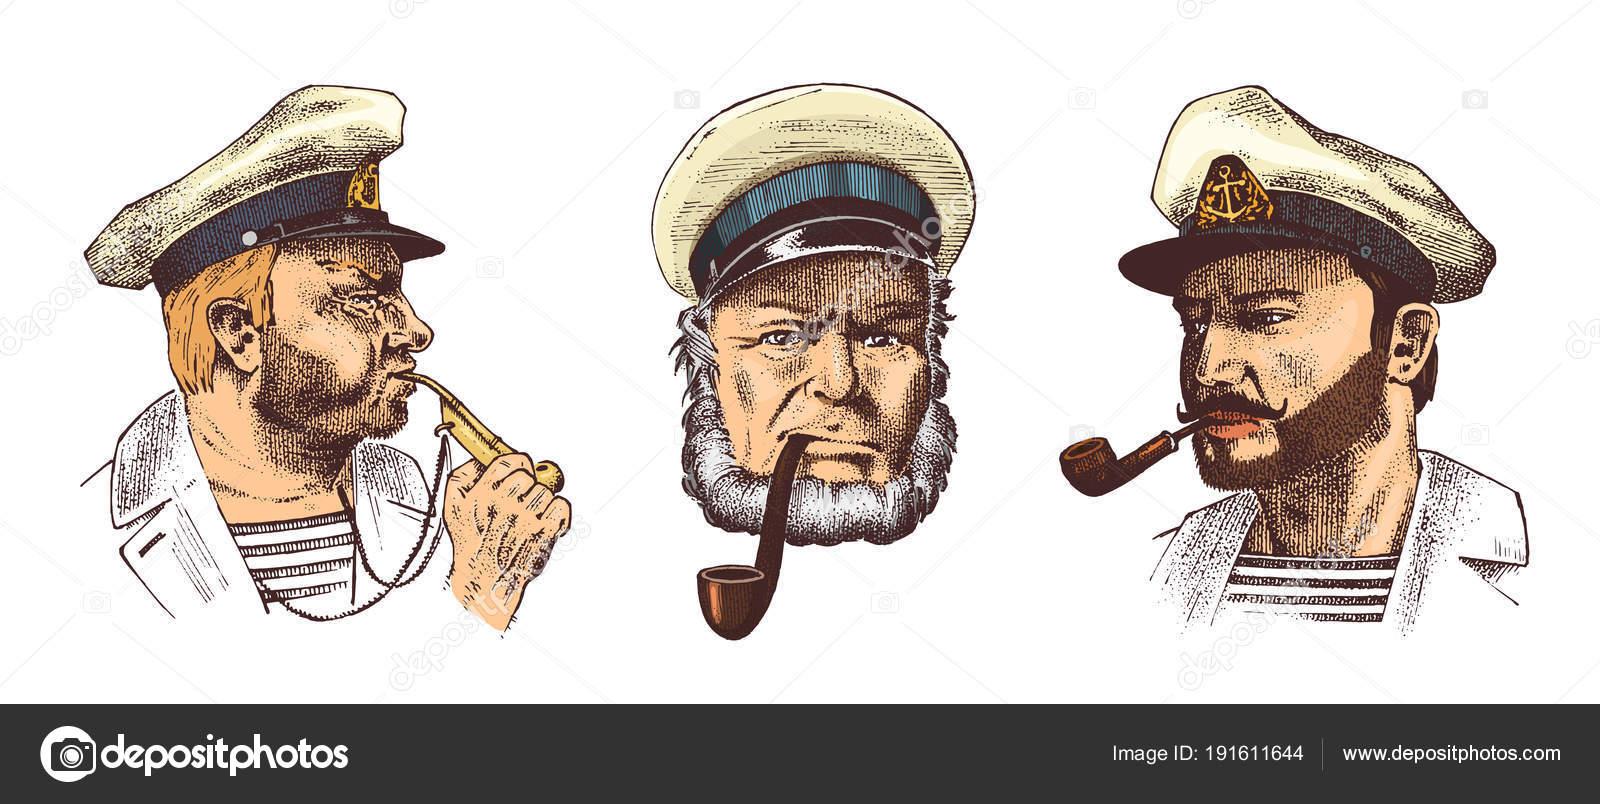 Capitaine de marine, vieux marin avec une pipe ou bluejacket, matelot à barbe ou hommes seafarer.